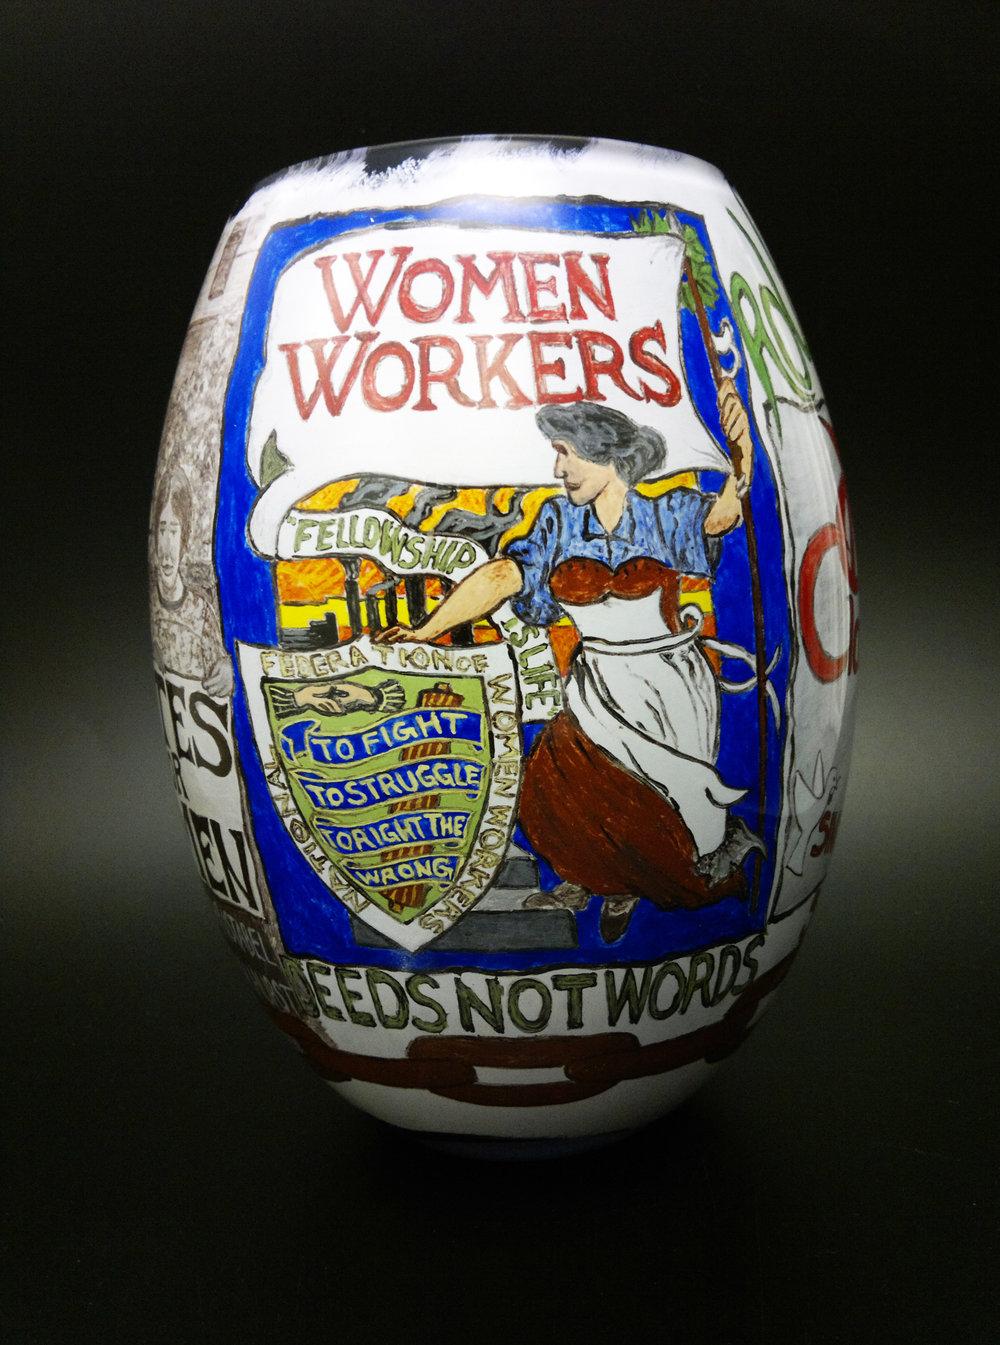 Womens Struggle by Vic Bamforth (image credit Vic Bamforth)